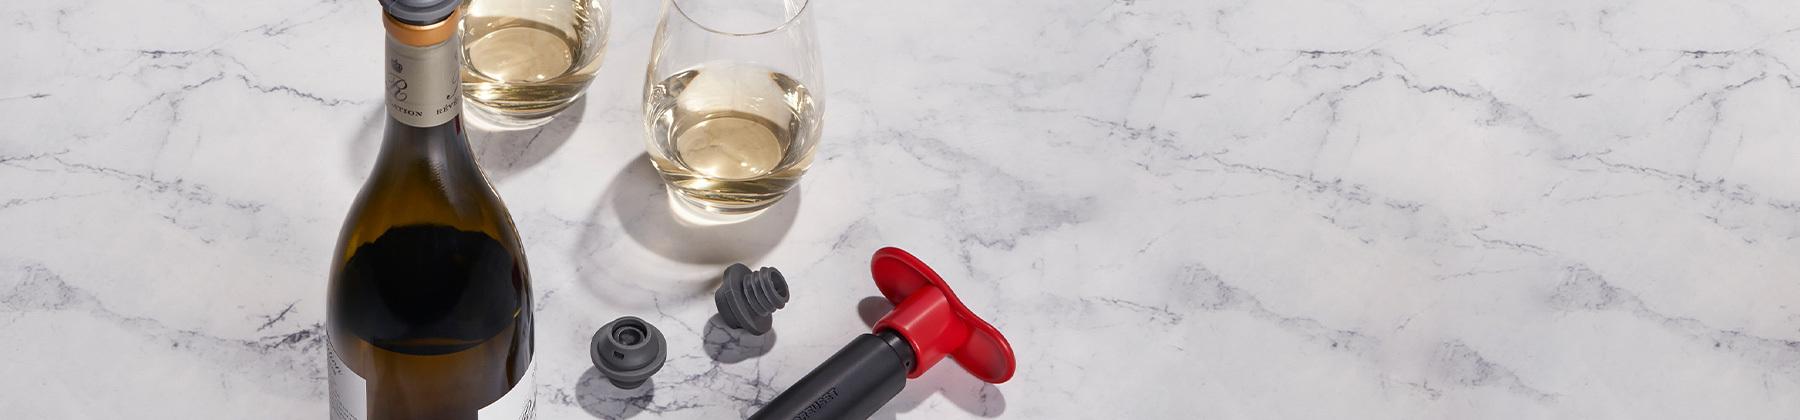 Photo of wine tools.